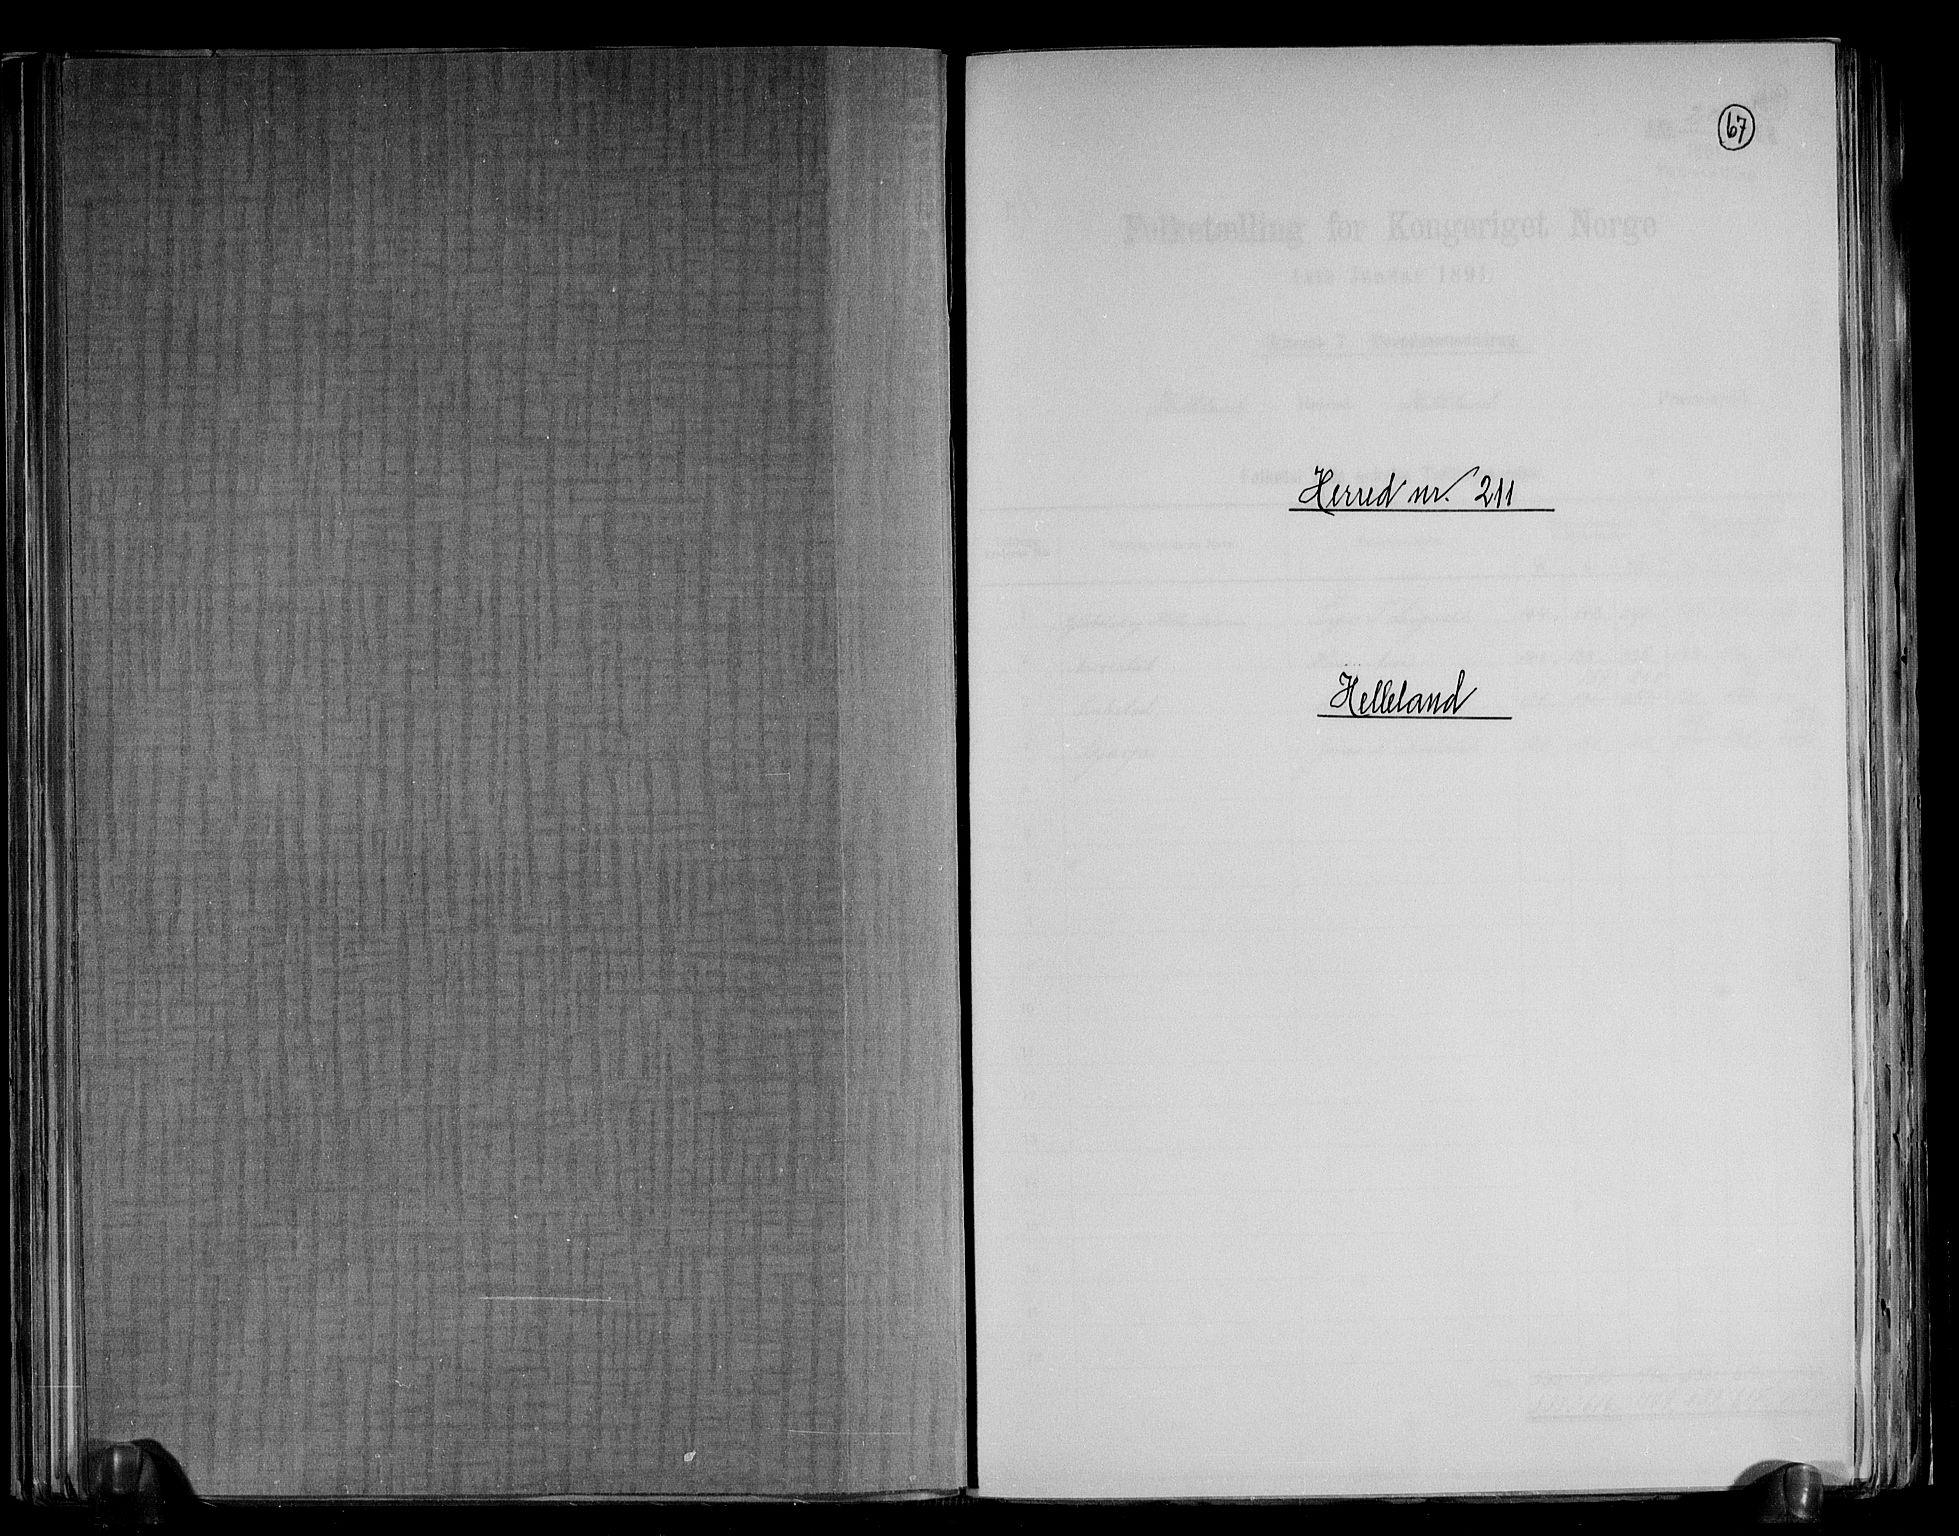 RA, Folketelling 1891 for 1115 Helleland herred, 1891, s. 1